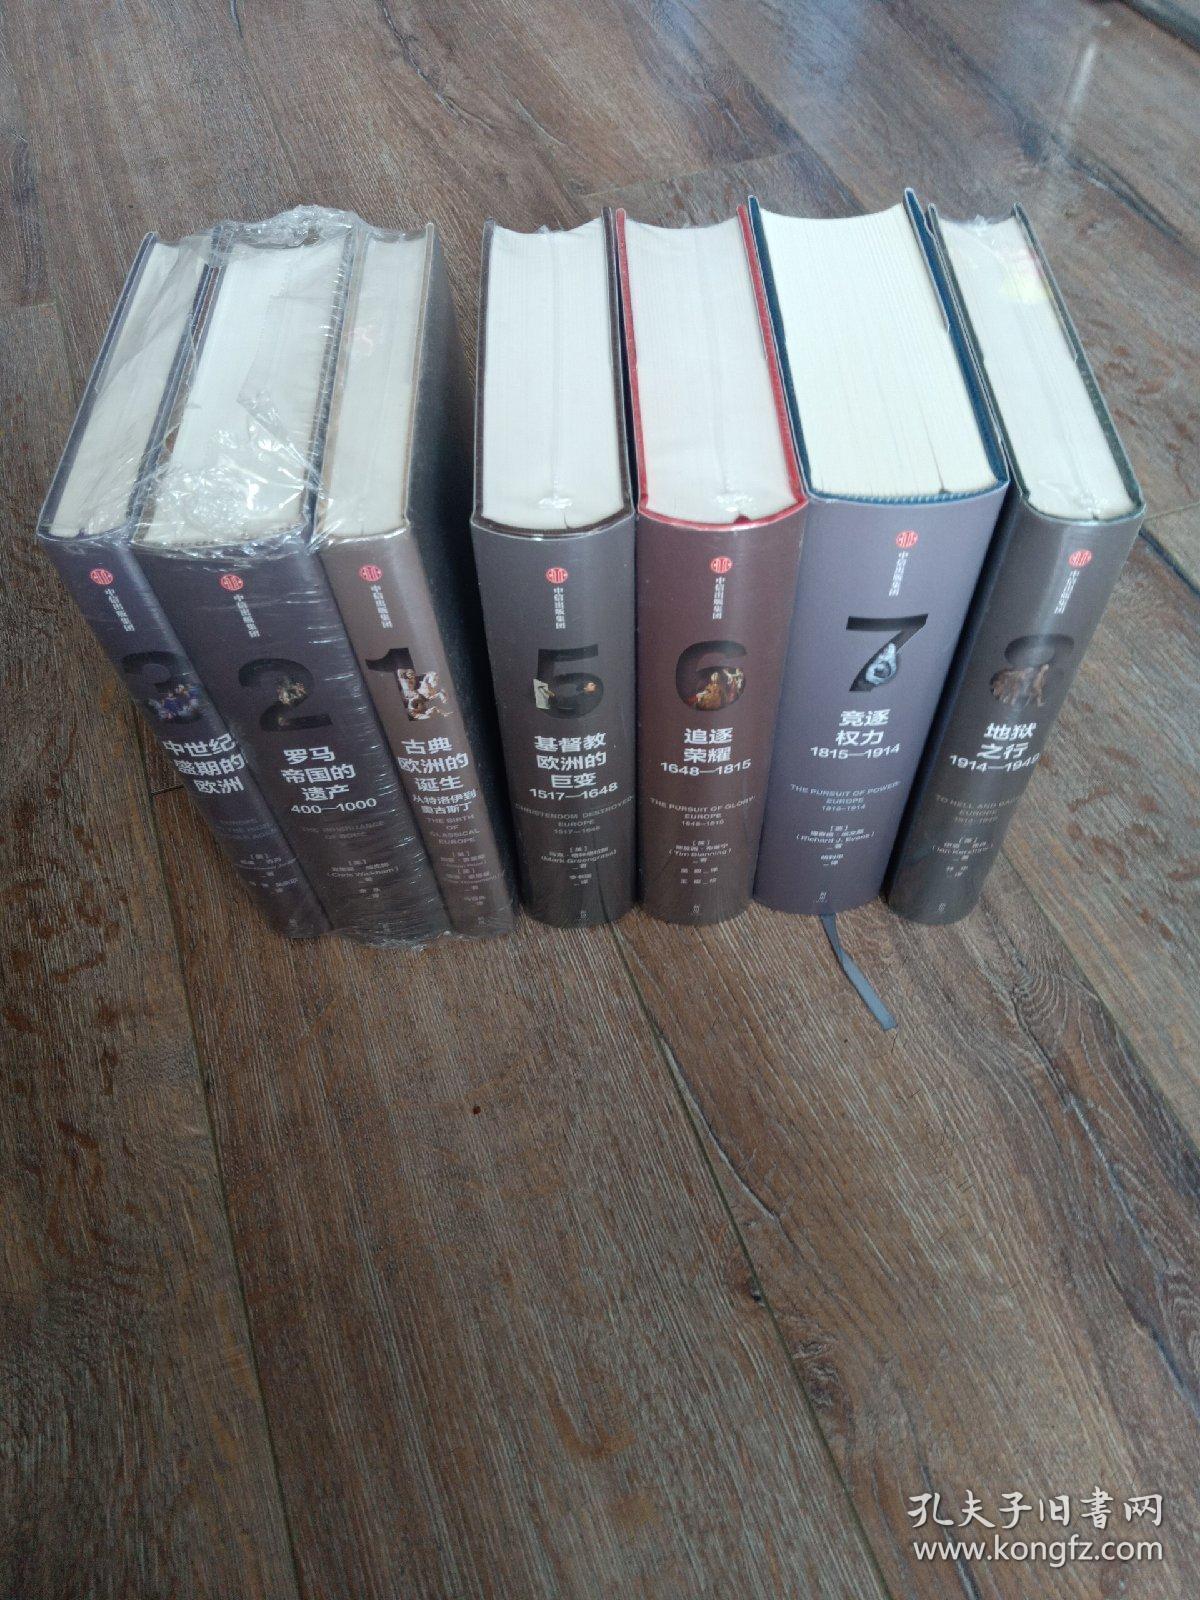 企鹅欧洲史(1-3 5-8,七册合售,4尚末出版)古典欧洲的诞生+罗马帝国的遗产+中世纪盛期的欧洲+竞逐权力+追逐荣耀+基督教欧洲的巨变+地狱之行